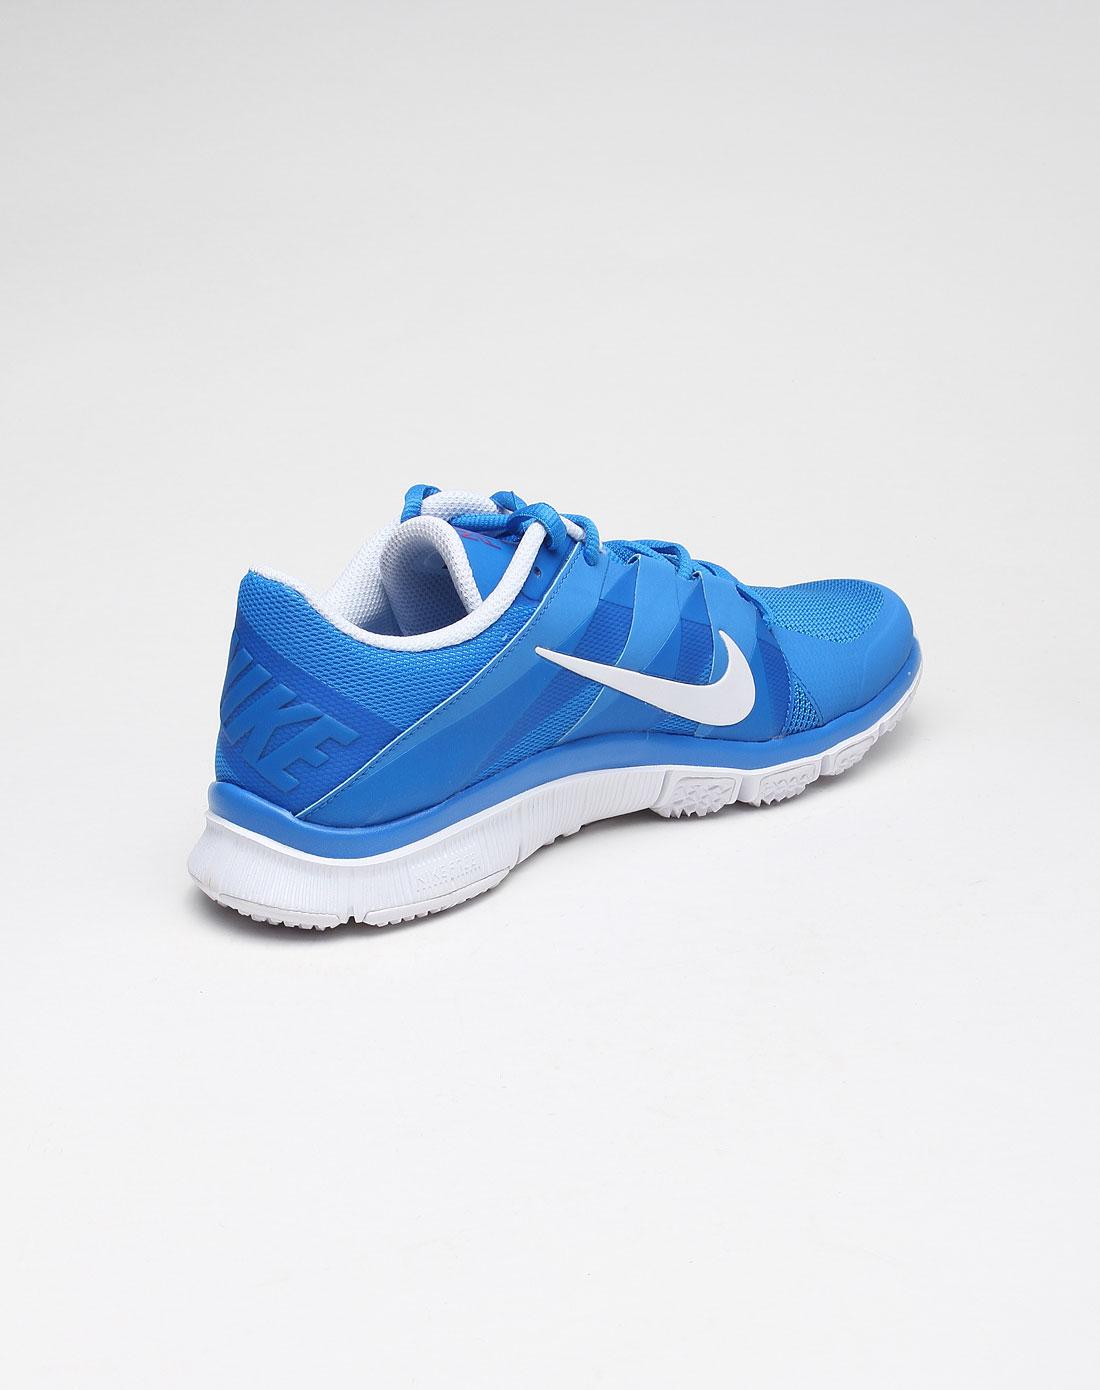 男子舒适透气白底浅蓝色百搭运动鞋